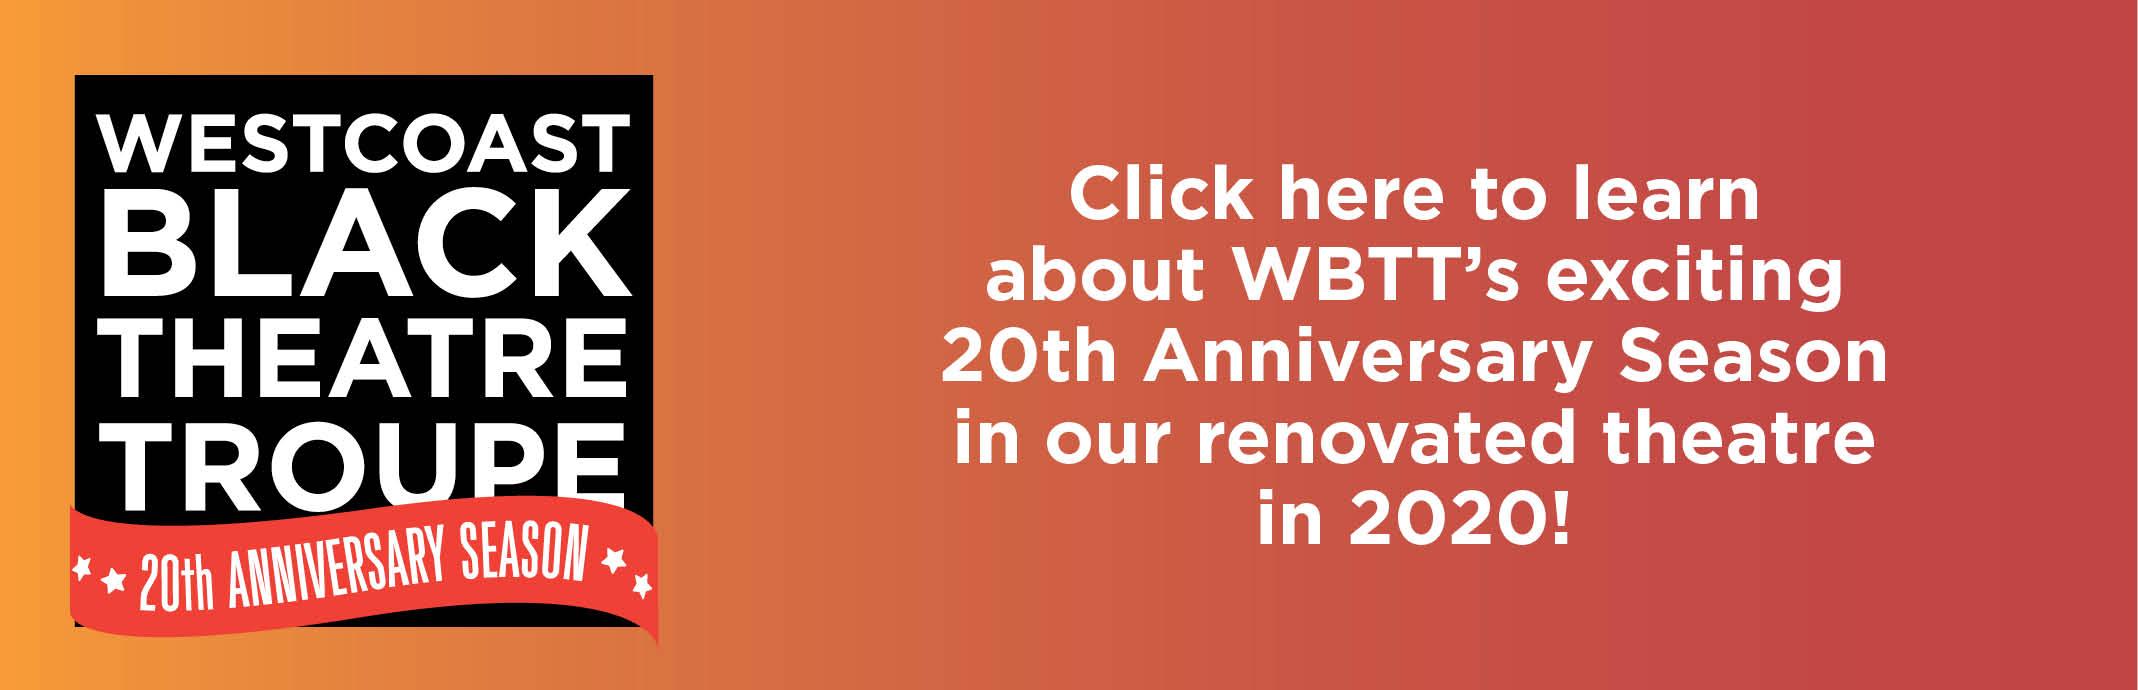 Learn about WBTT